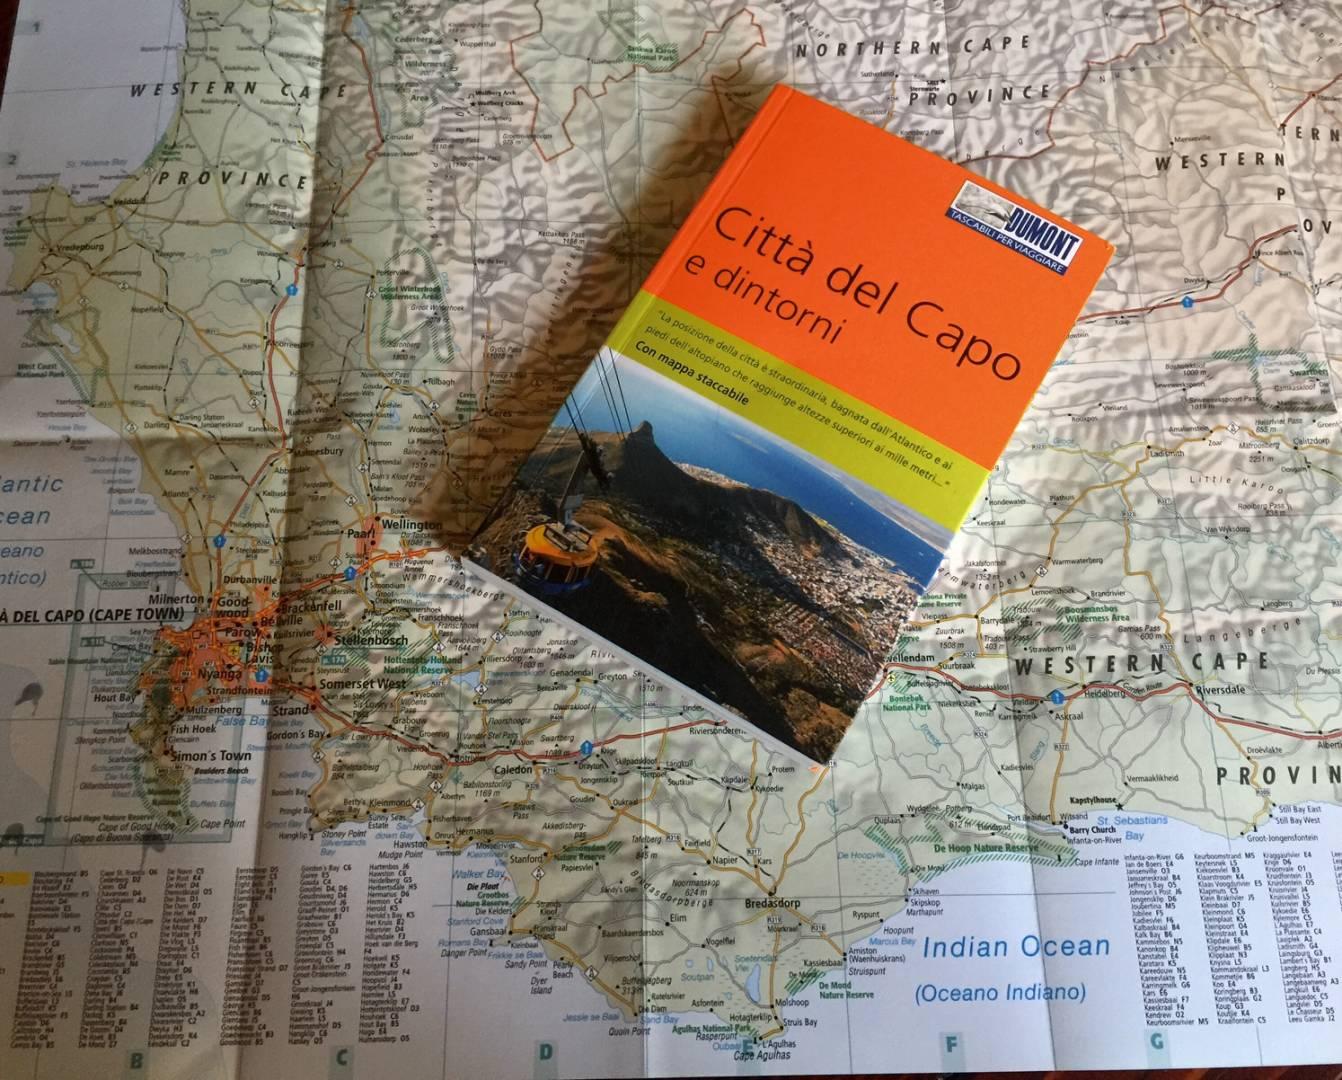 Capodanno in Sudafrica, preparando il mio itinerario